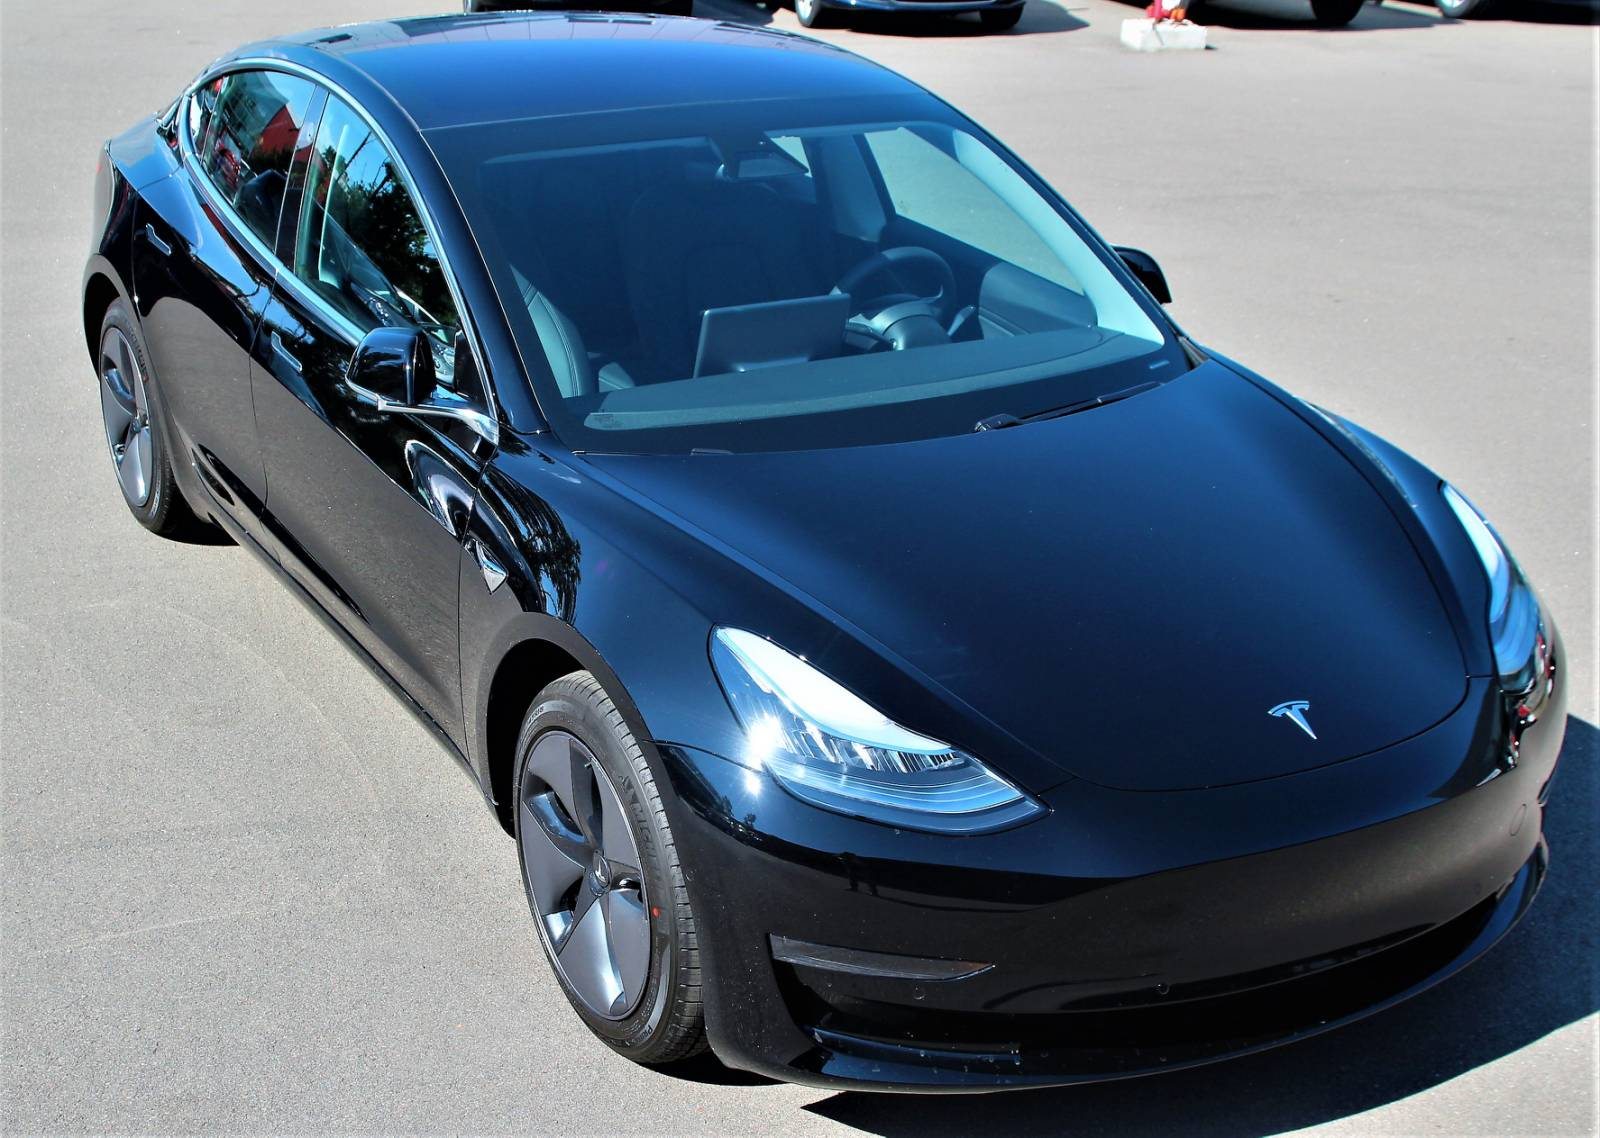 http://autocredit.com.ua/electro-cars/uploads/2/19-02-20/gFuhwU_QU36P9tSvA.jpeg